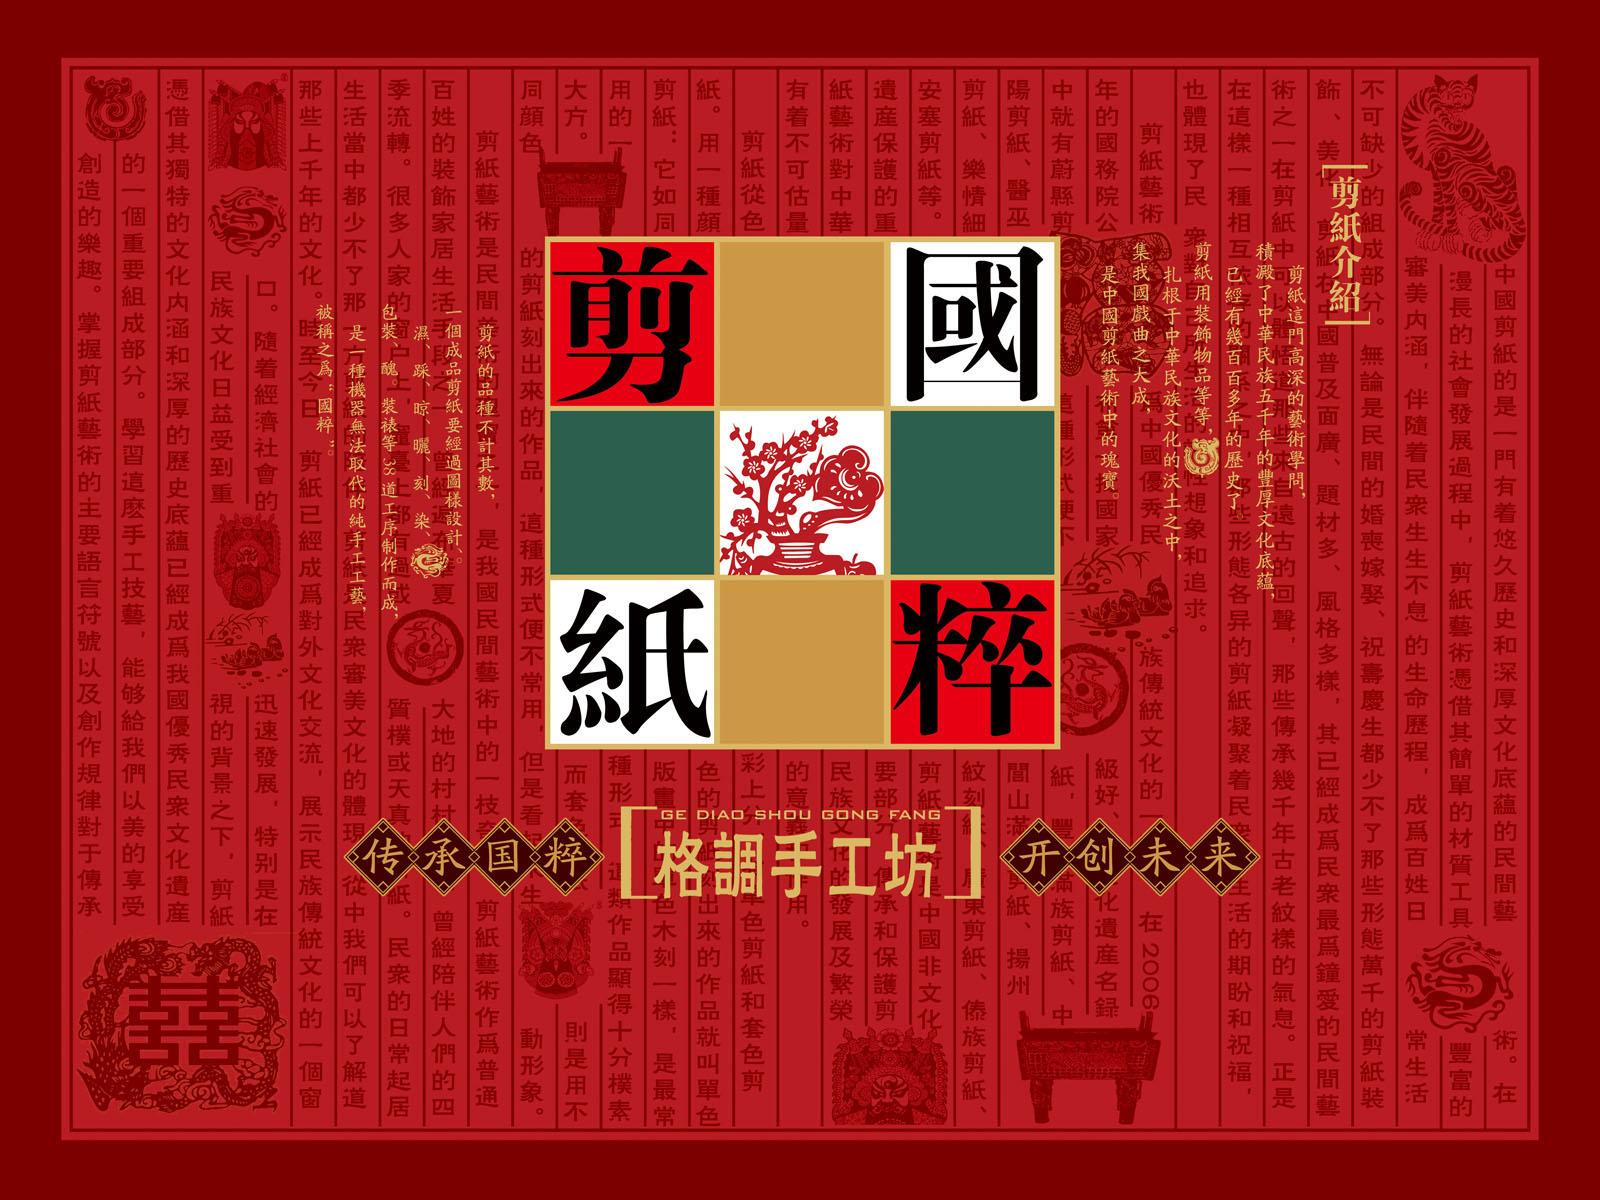 海报展板卓画家居饰品E87/330国粹剪纸历史